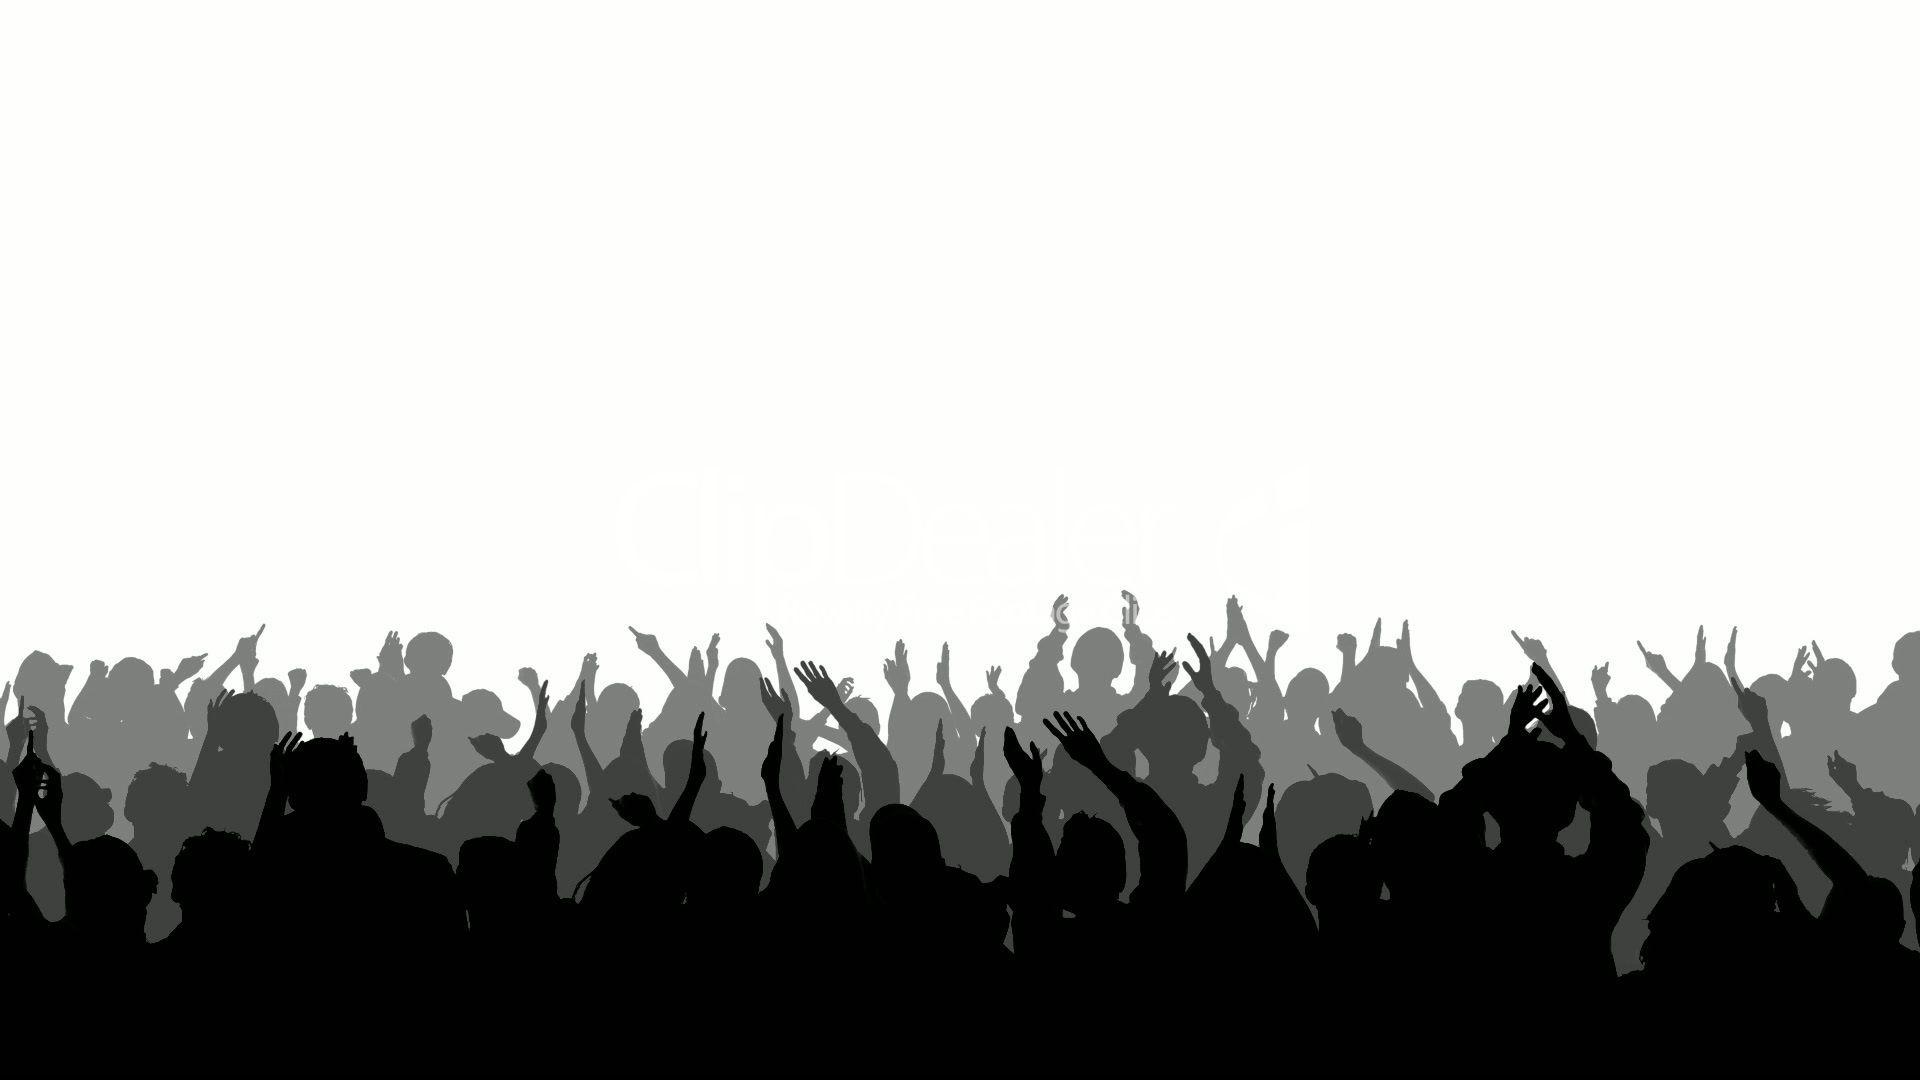 Crowd Silhouette   Cheering Crowd Silhouettes 2: Vidéos et clips libres de droits